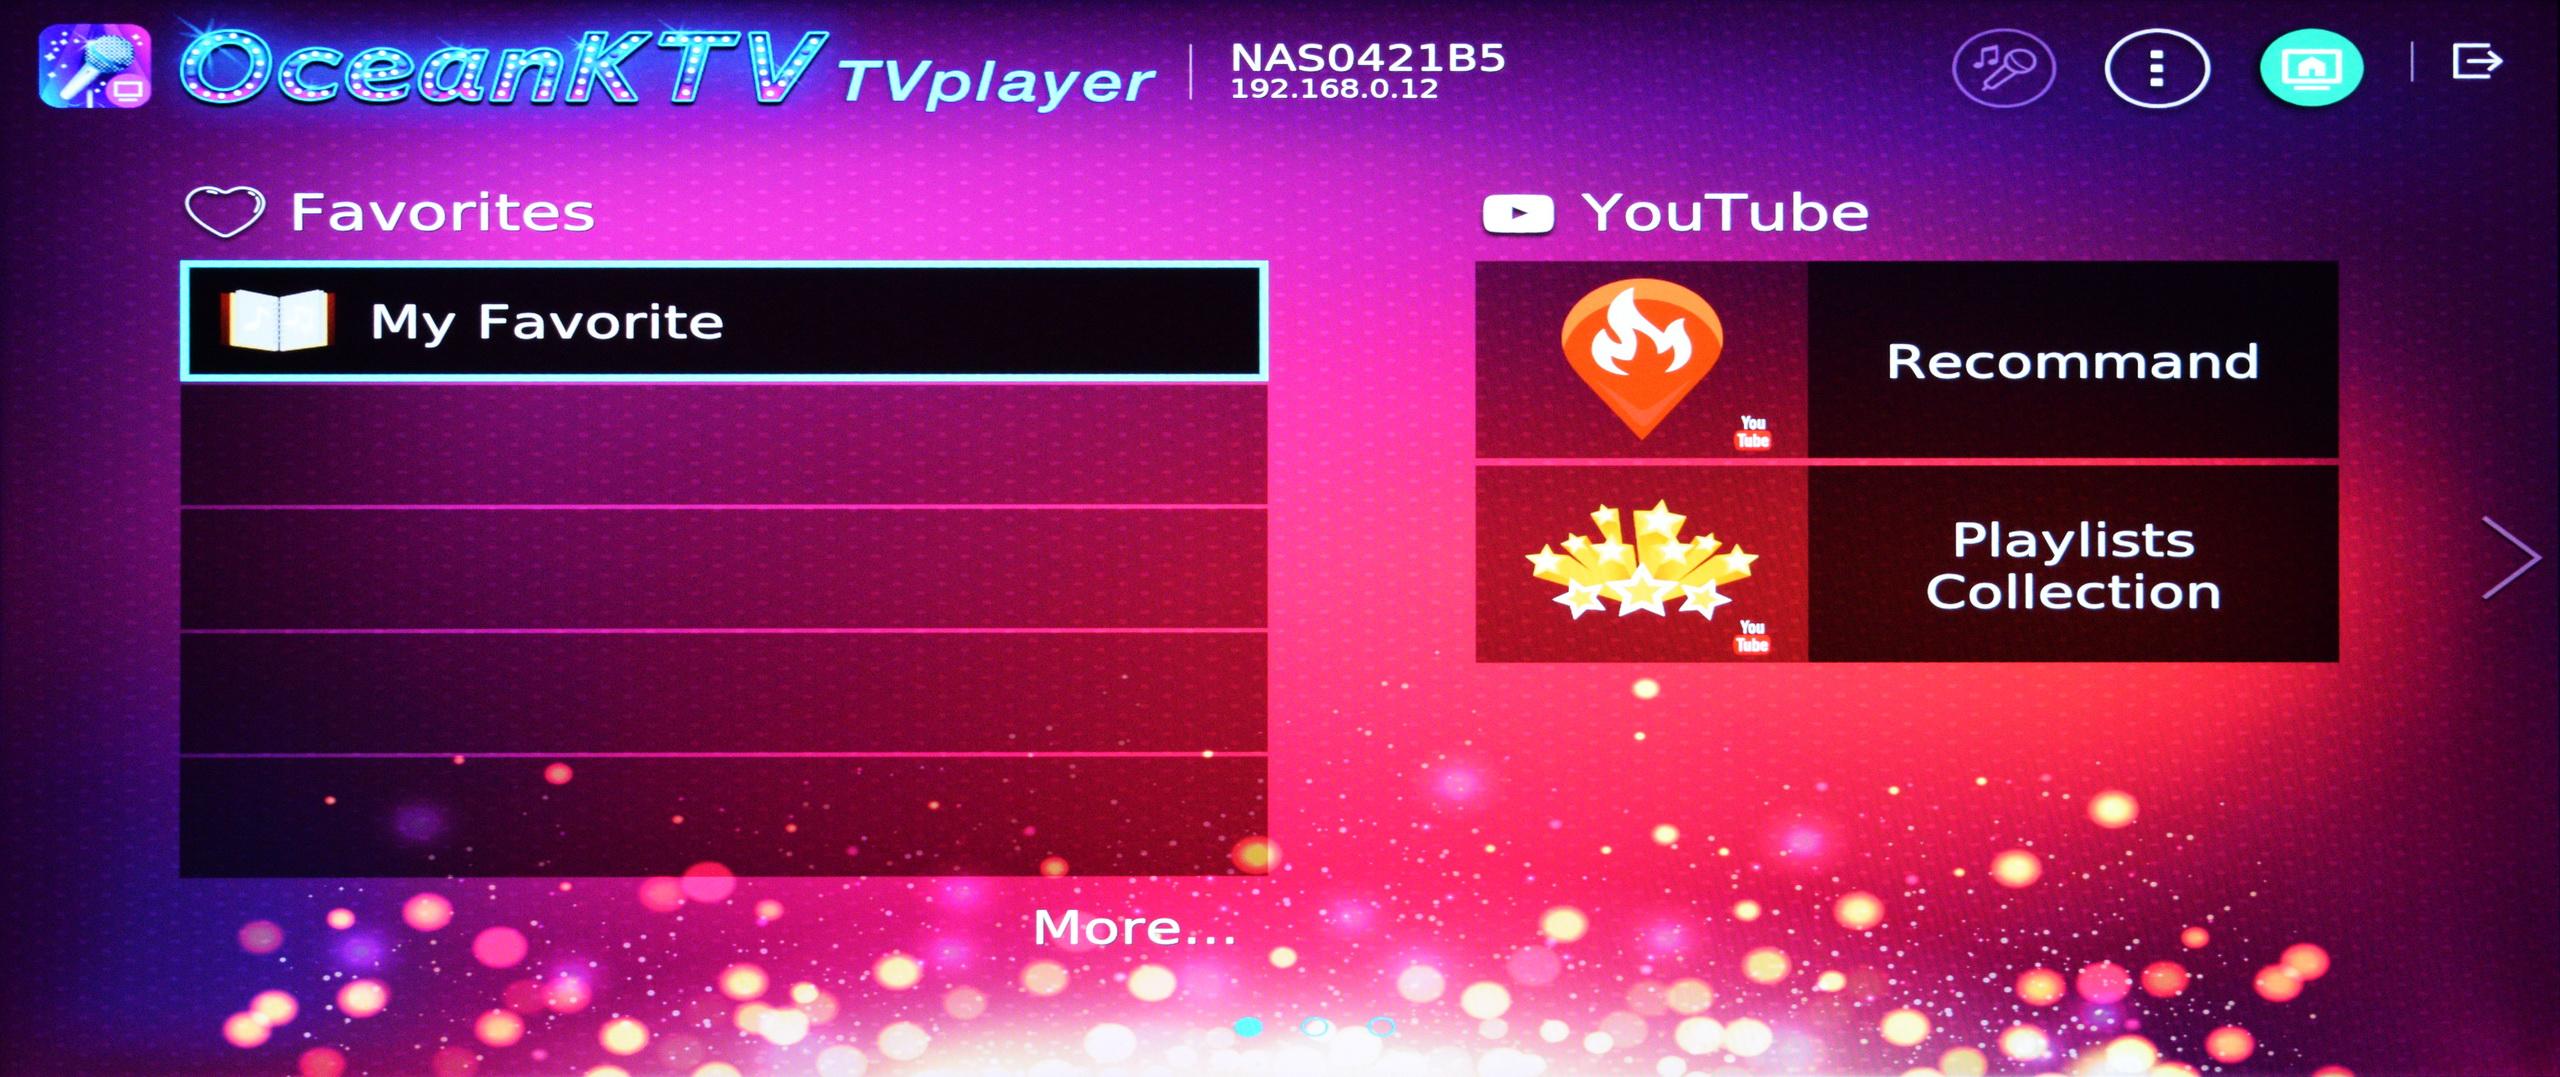 QNAP TBS-453A-8G-960GB 4-Bay M 2 SSD NASbook Review